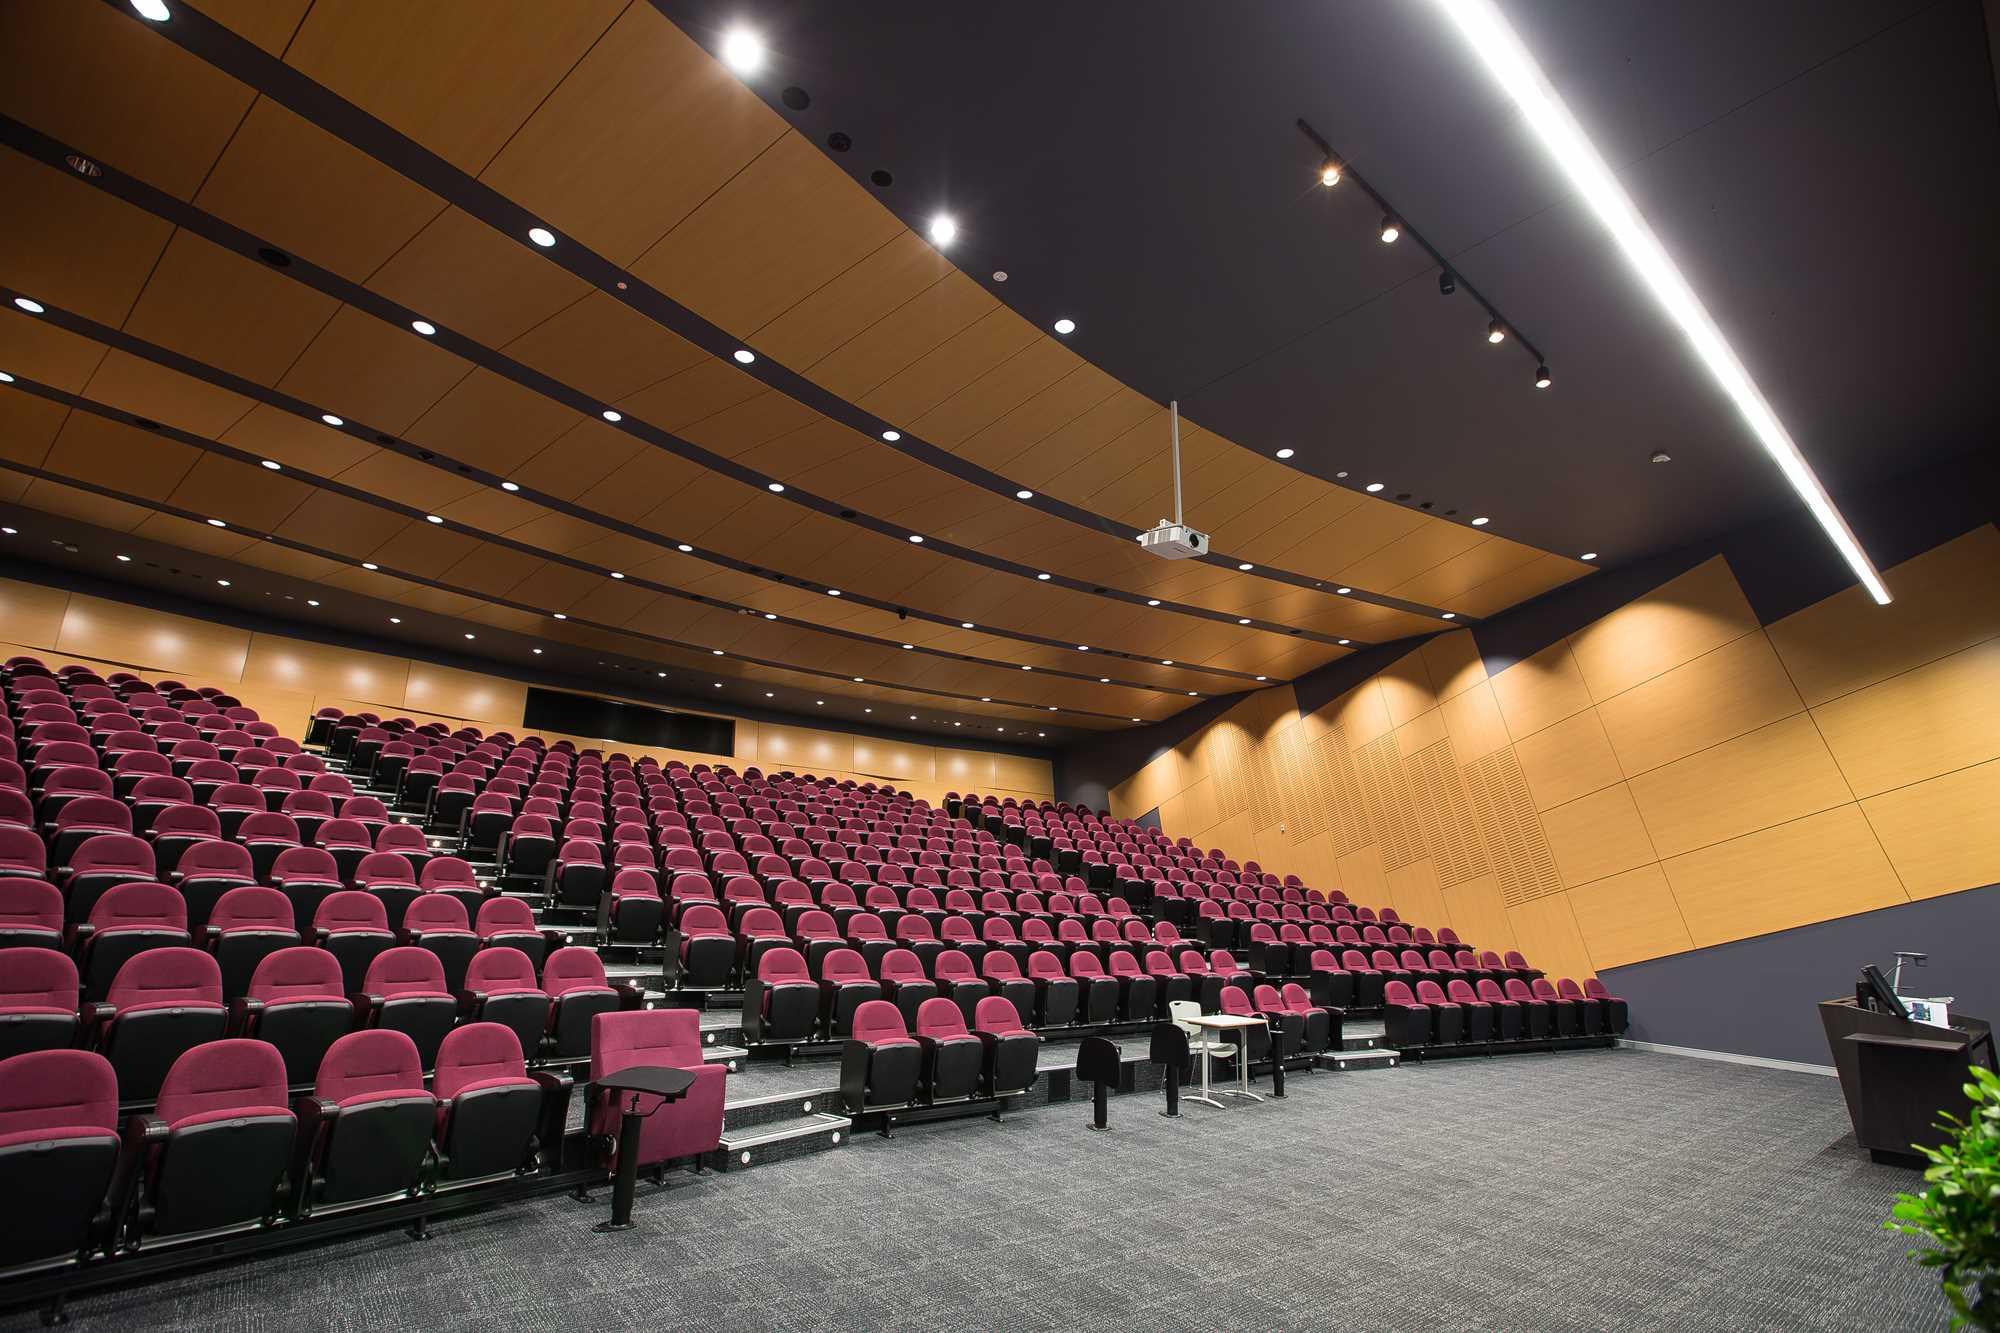 UWS Lecture Theatre 7